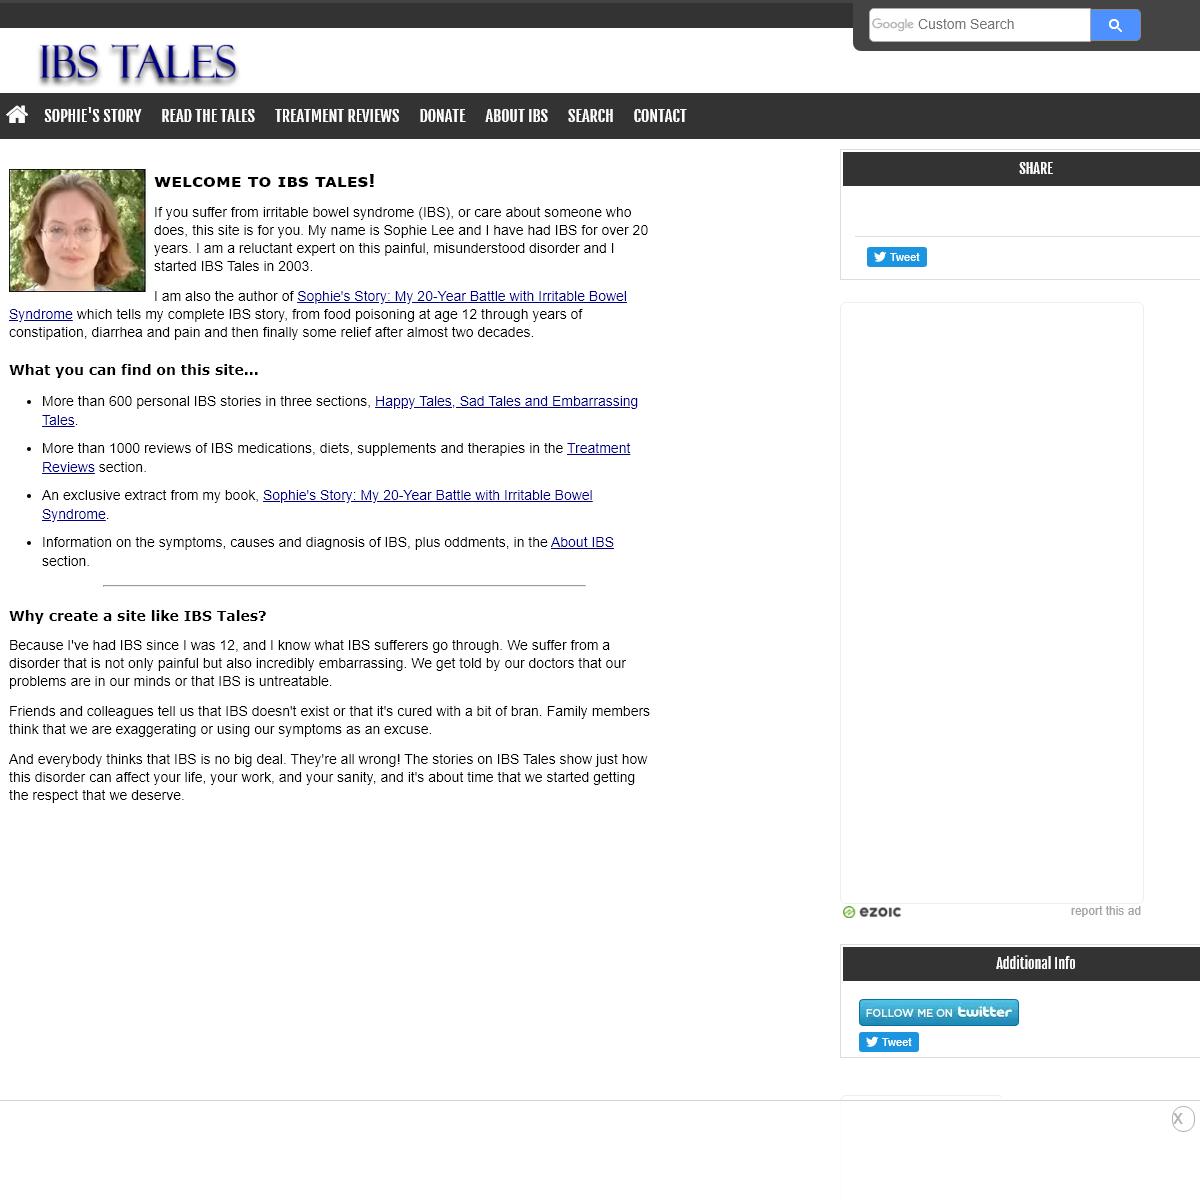 IBS Tales